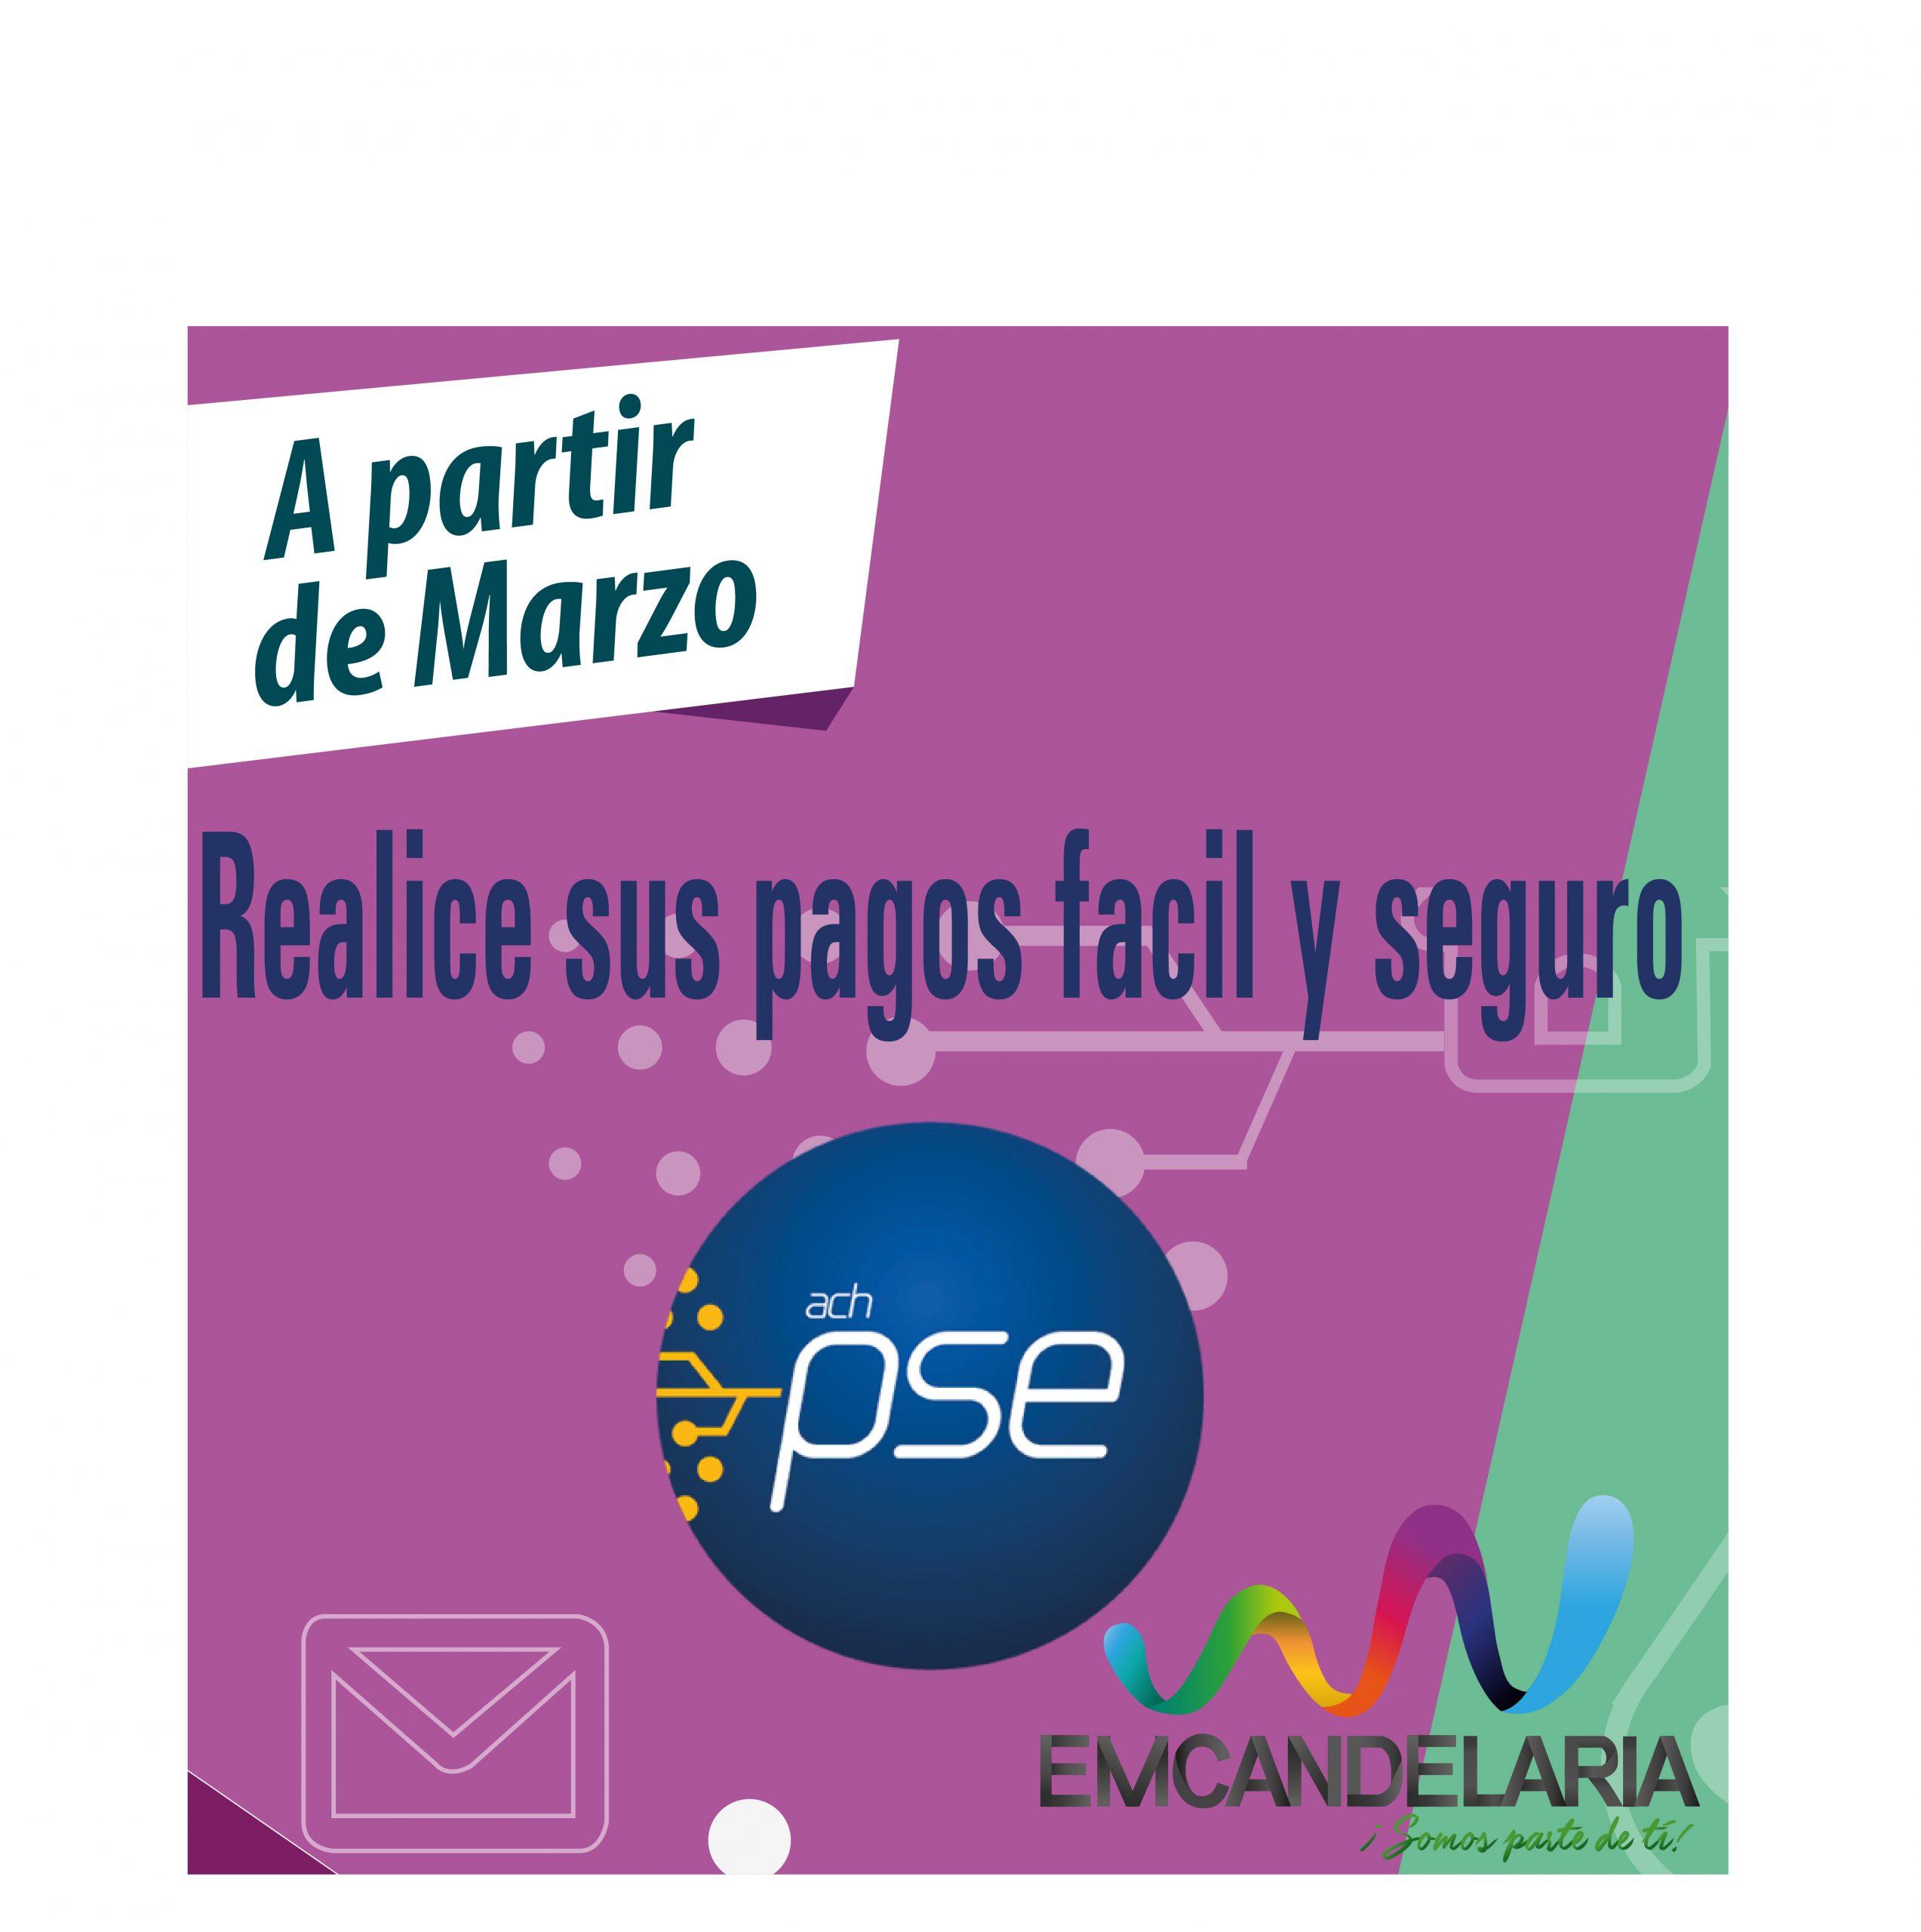 Publicidad de Pago PSE